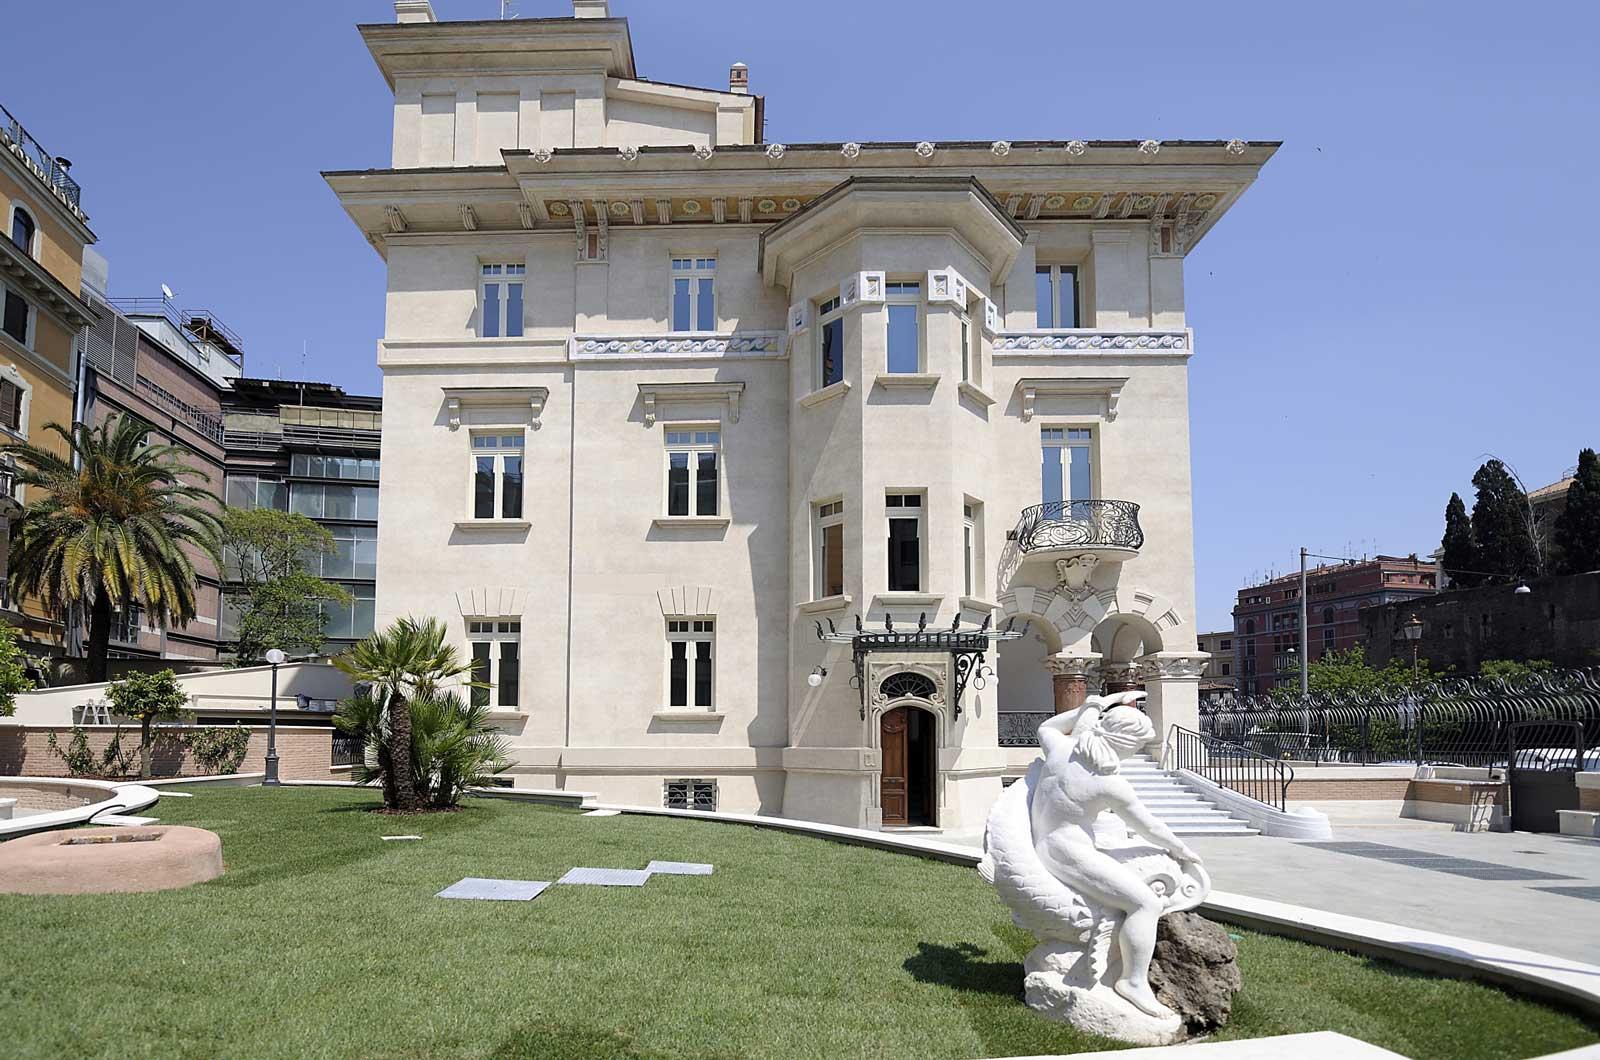 Lavori di restauro e consolidamento immobili d epoca si va costruzioni - Restauro immobili ...